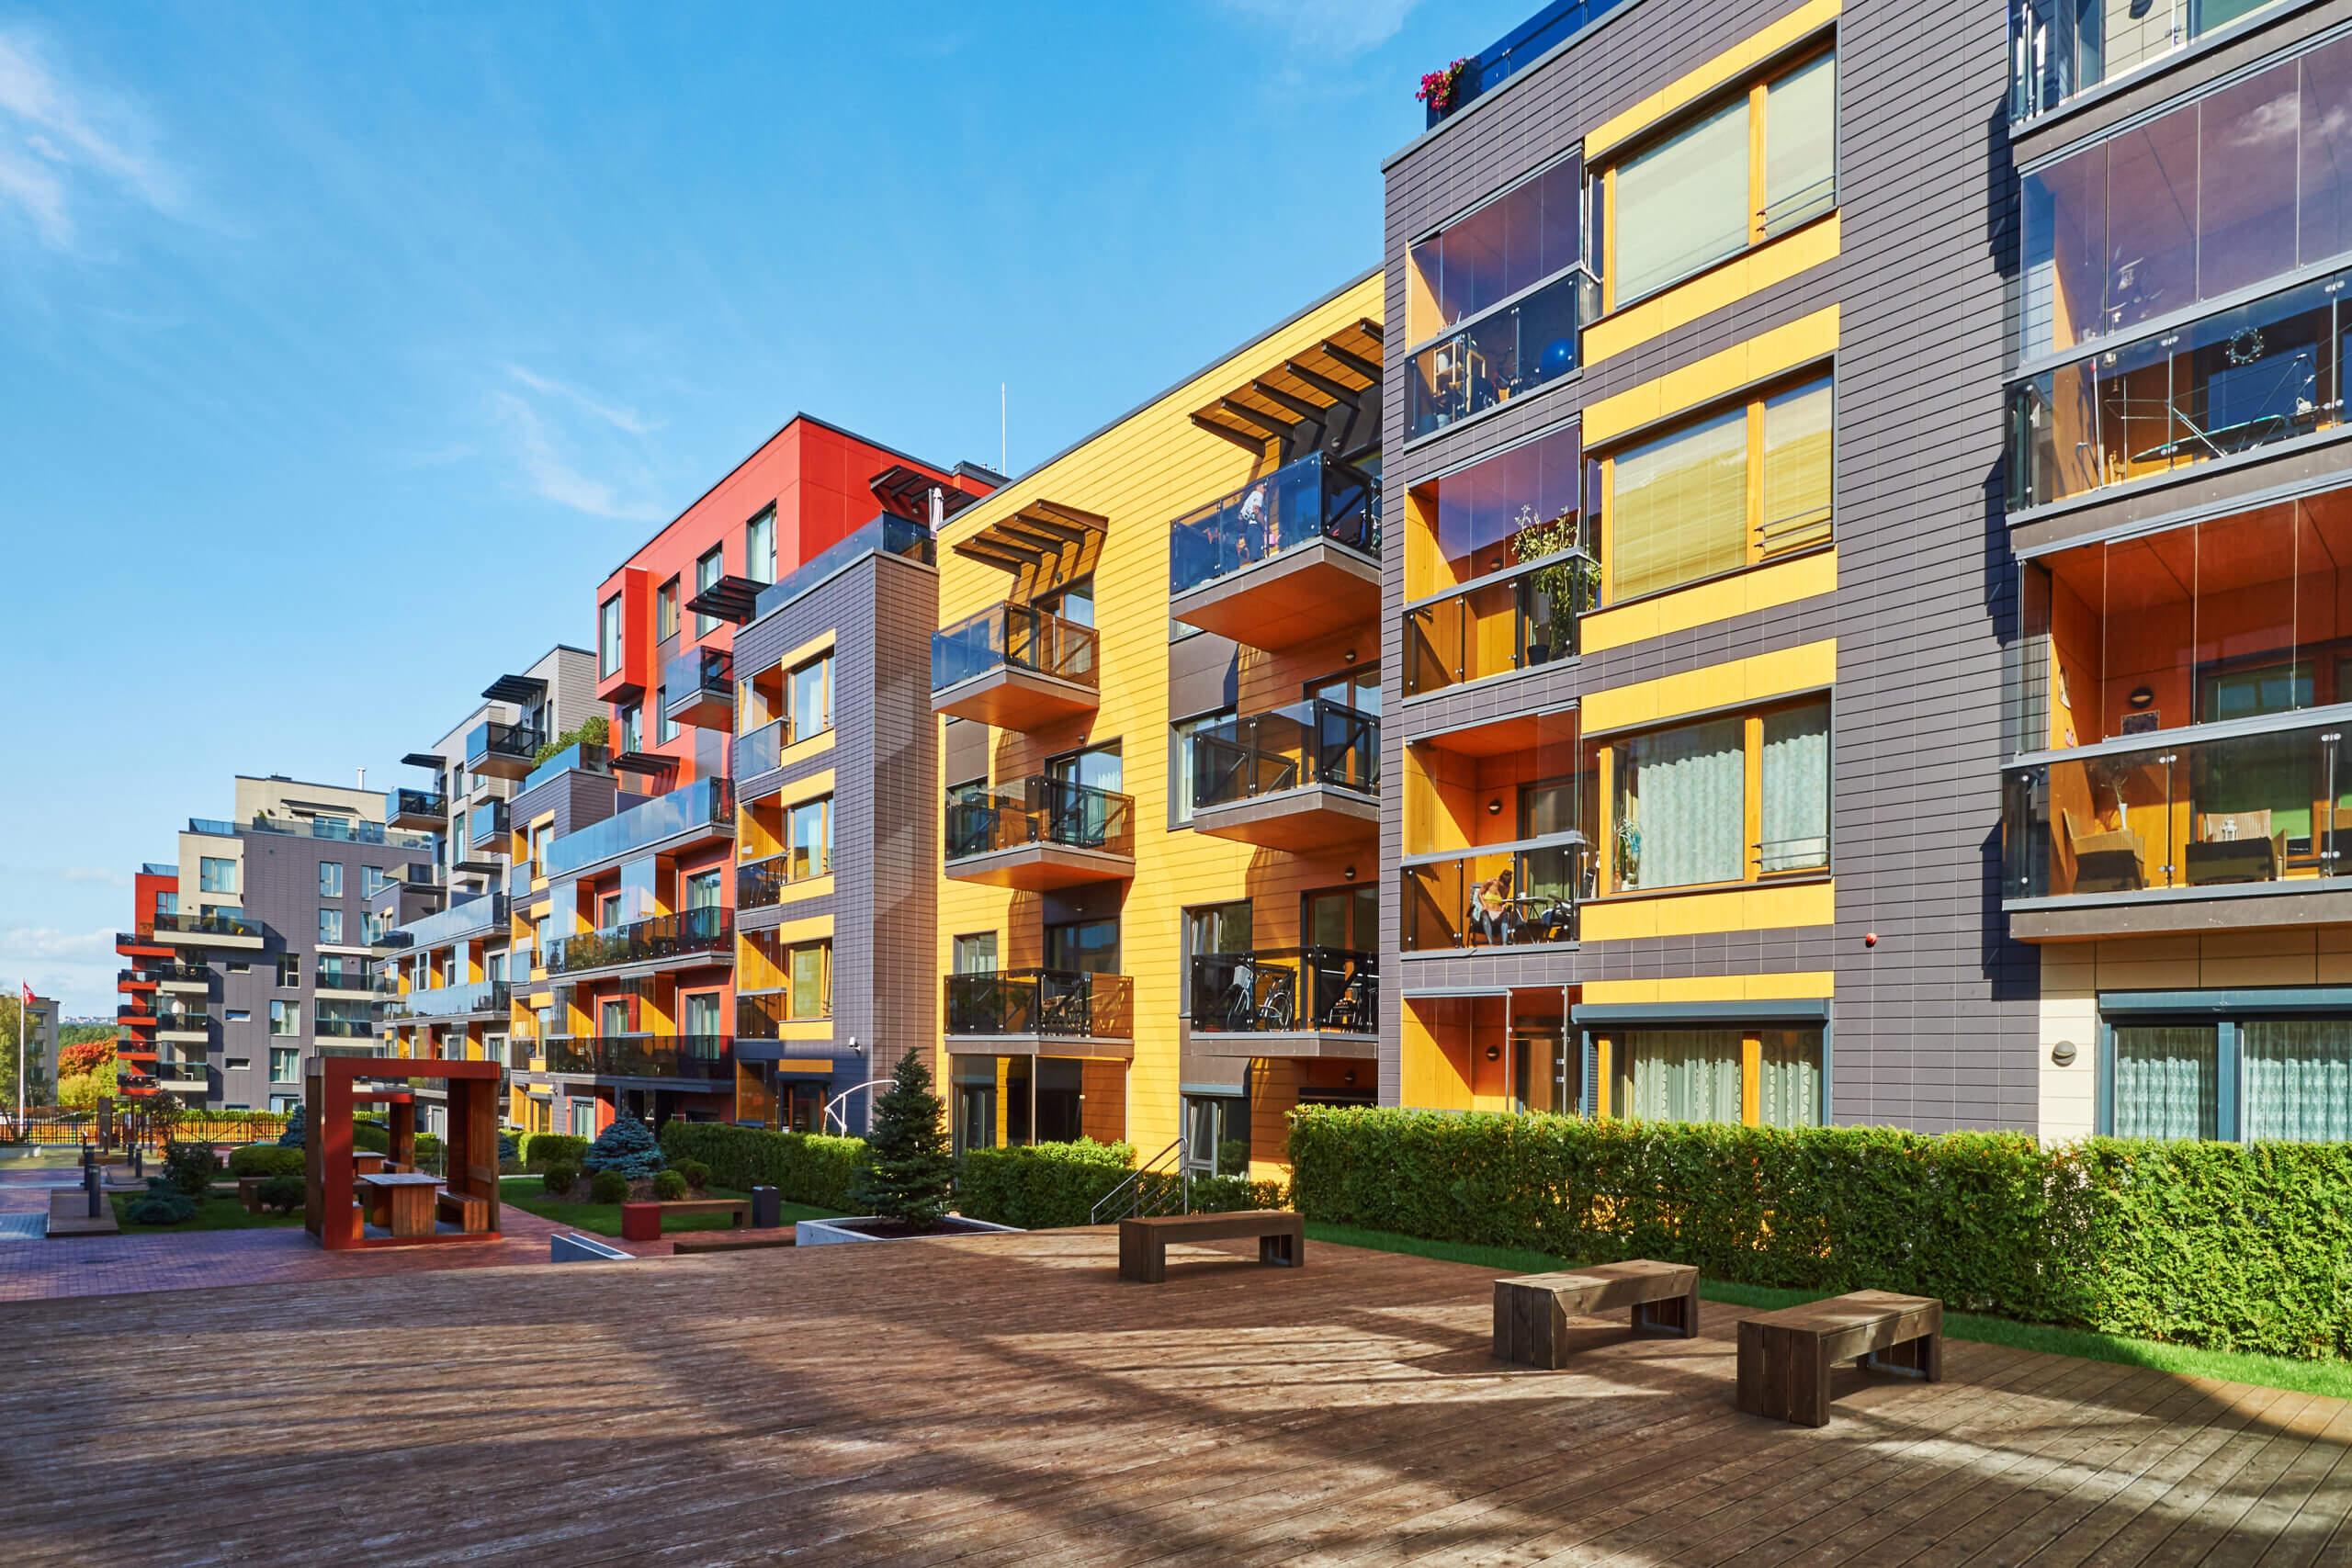 Új építésű lakóparkok, melyekben mindenki megtalálhatja jövőbeni otthonát